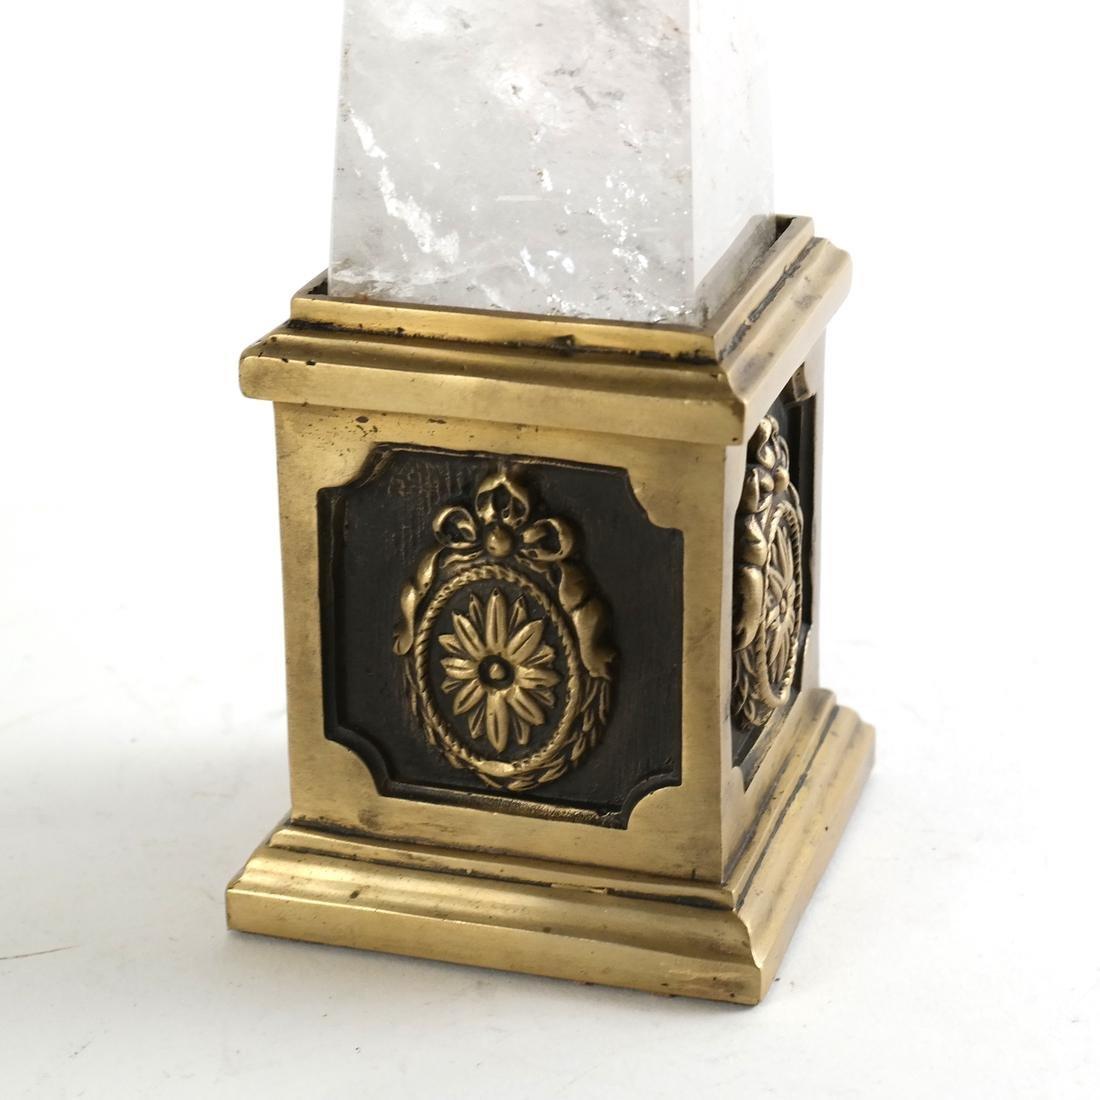 Brass-Mounted Rock Crystal Obelisk - 4